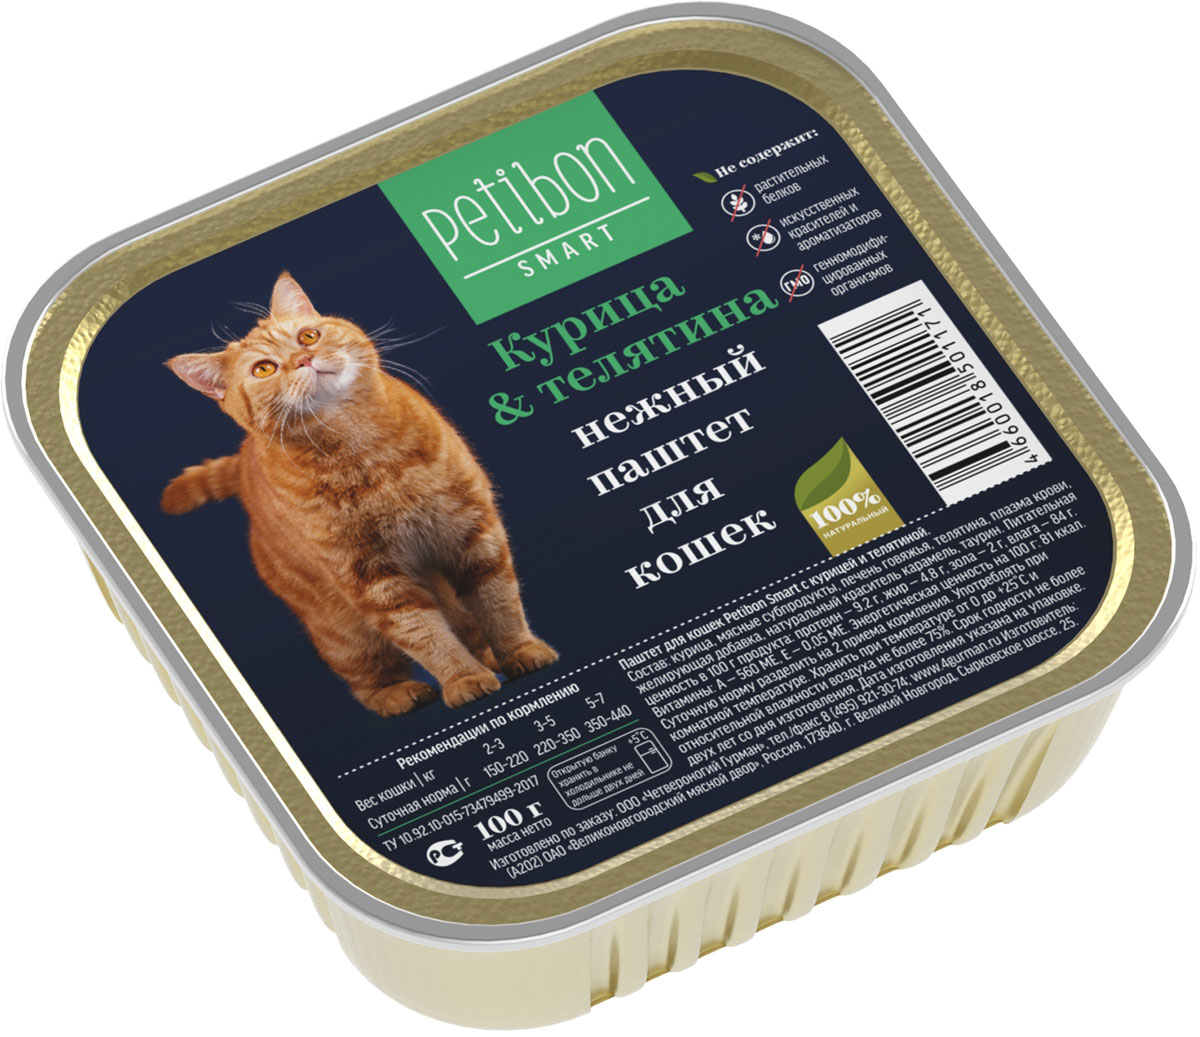 Корм консервированный для кошек Petibon Smart Паштет, с курицей и телятиной, 100 г корм консервированный nutrilove для кошек паштет с телятиной 400 г